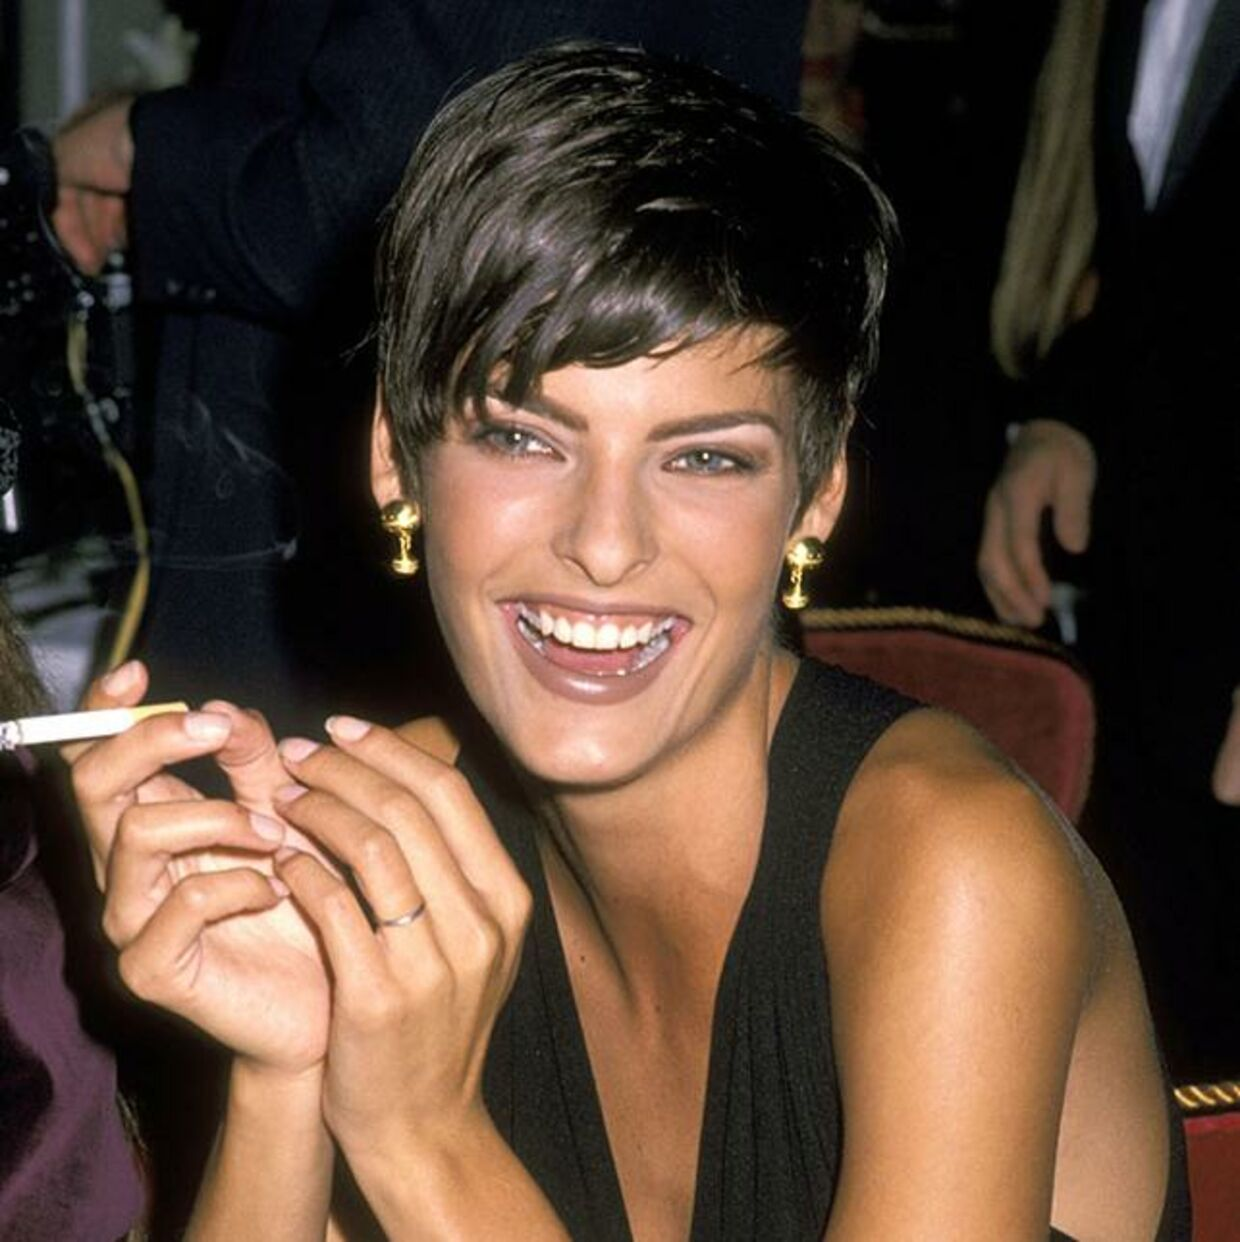 Linda Evangelista med sit karakteristiske korte hår tilbage i hendes storhedstid som supermodel i 1990'erne.